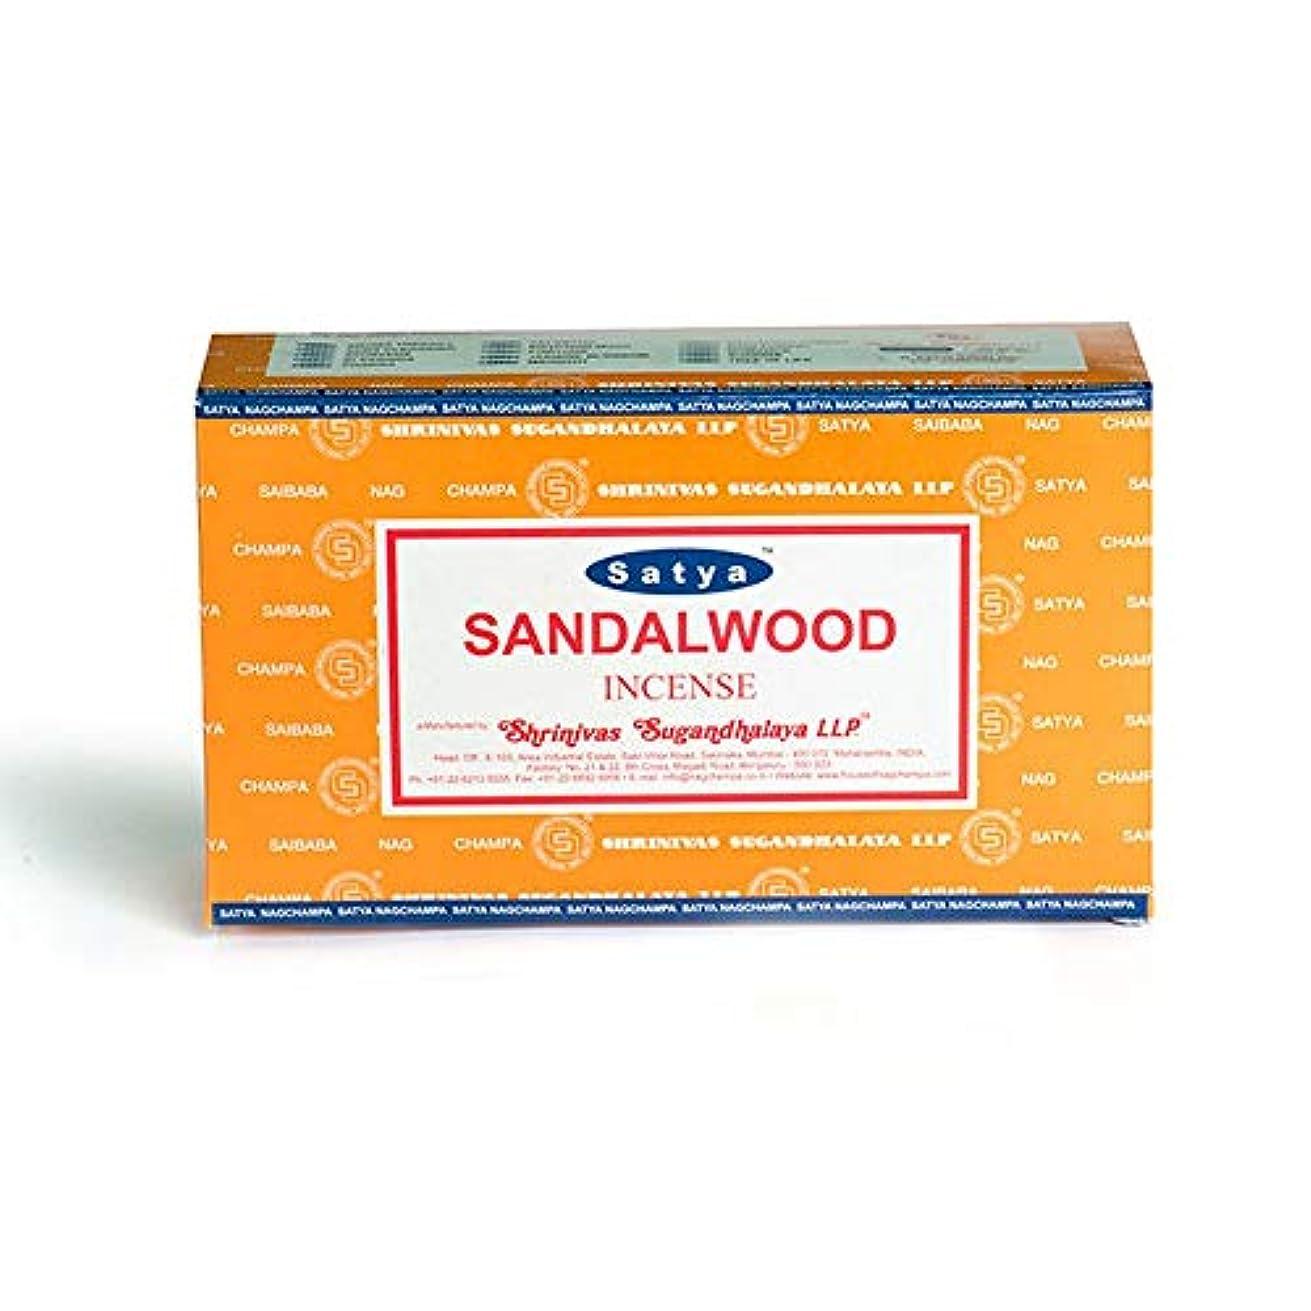 祖先頭痛スポークスマンSatya Nag Champa Sandalwood Incense Sticks - Box 12 Packs by Satya